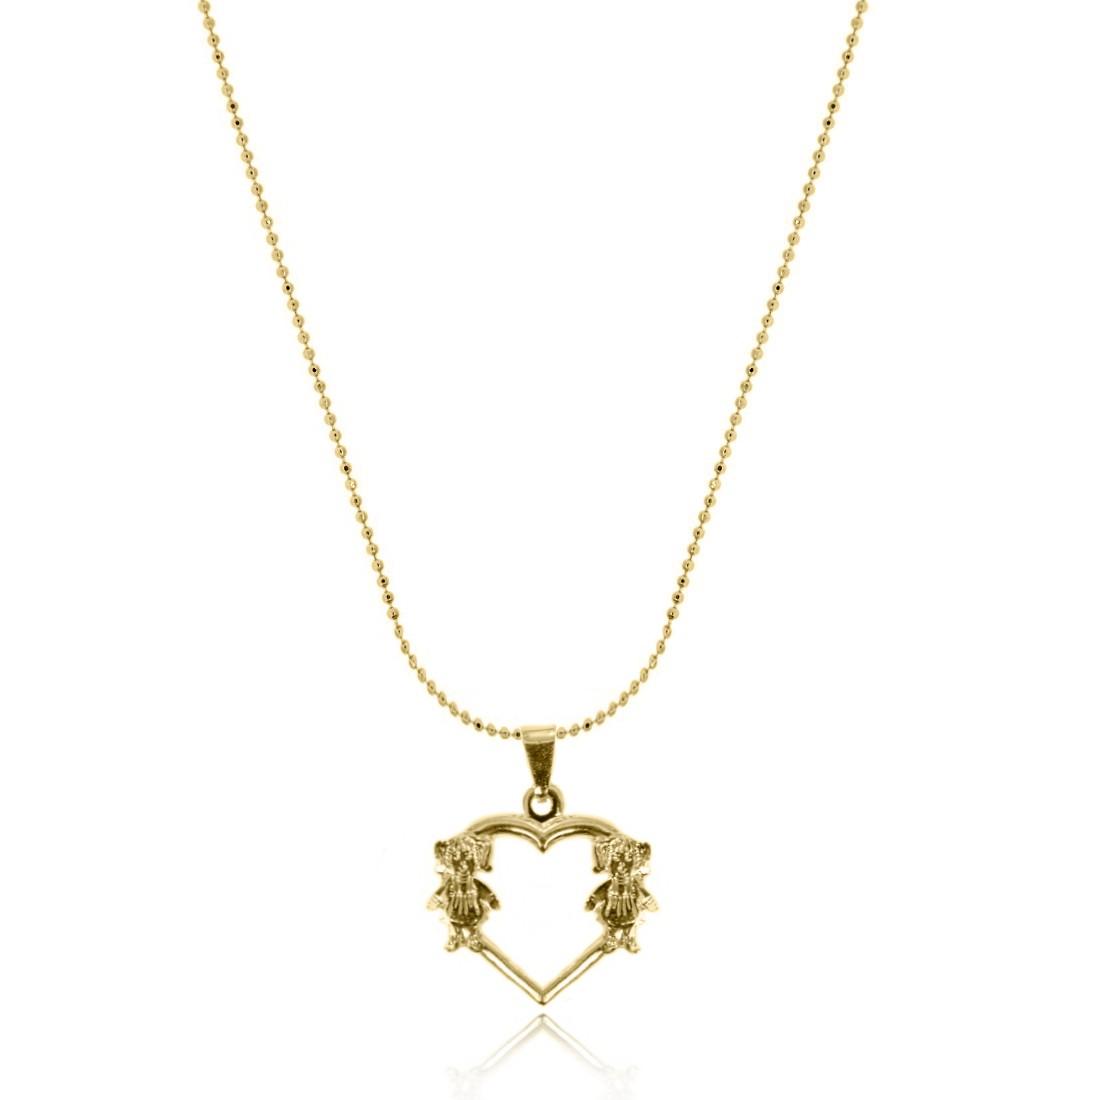 cd5771bac73b5 Gargantilha com Pingente de Coração com 2 Meninas Folheado a Ouro 18k